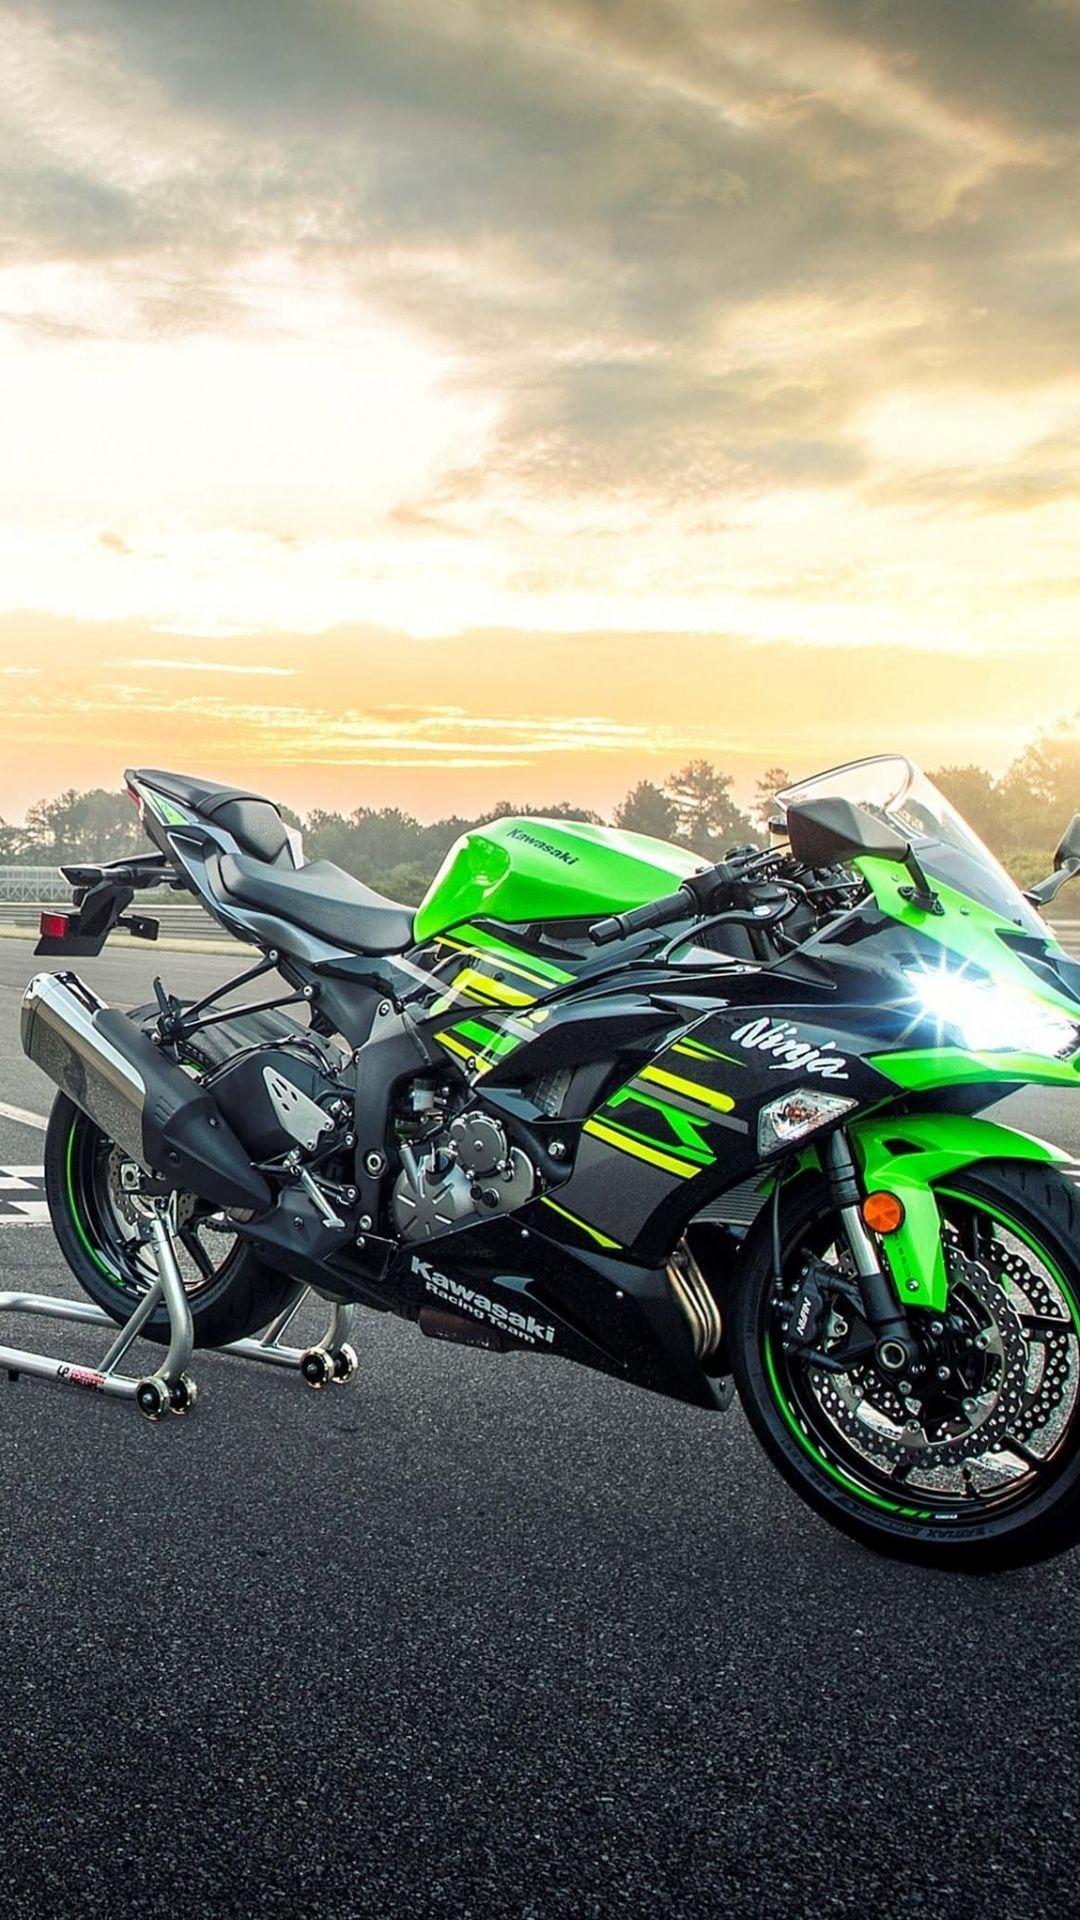 Kawasaki Ninja Zx 6r Sport Bike 1080x1920 Wallpaper Kawasaki Ninja Zx6r Kawasaki Ninja Sport Bikes